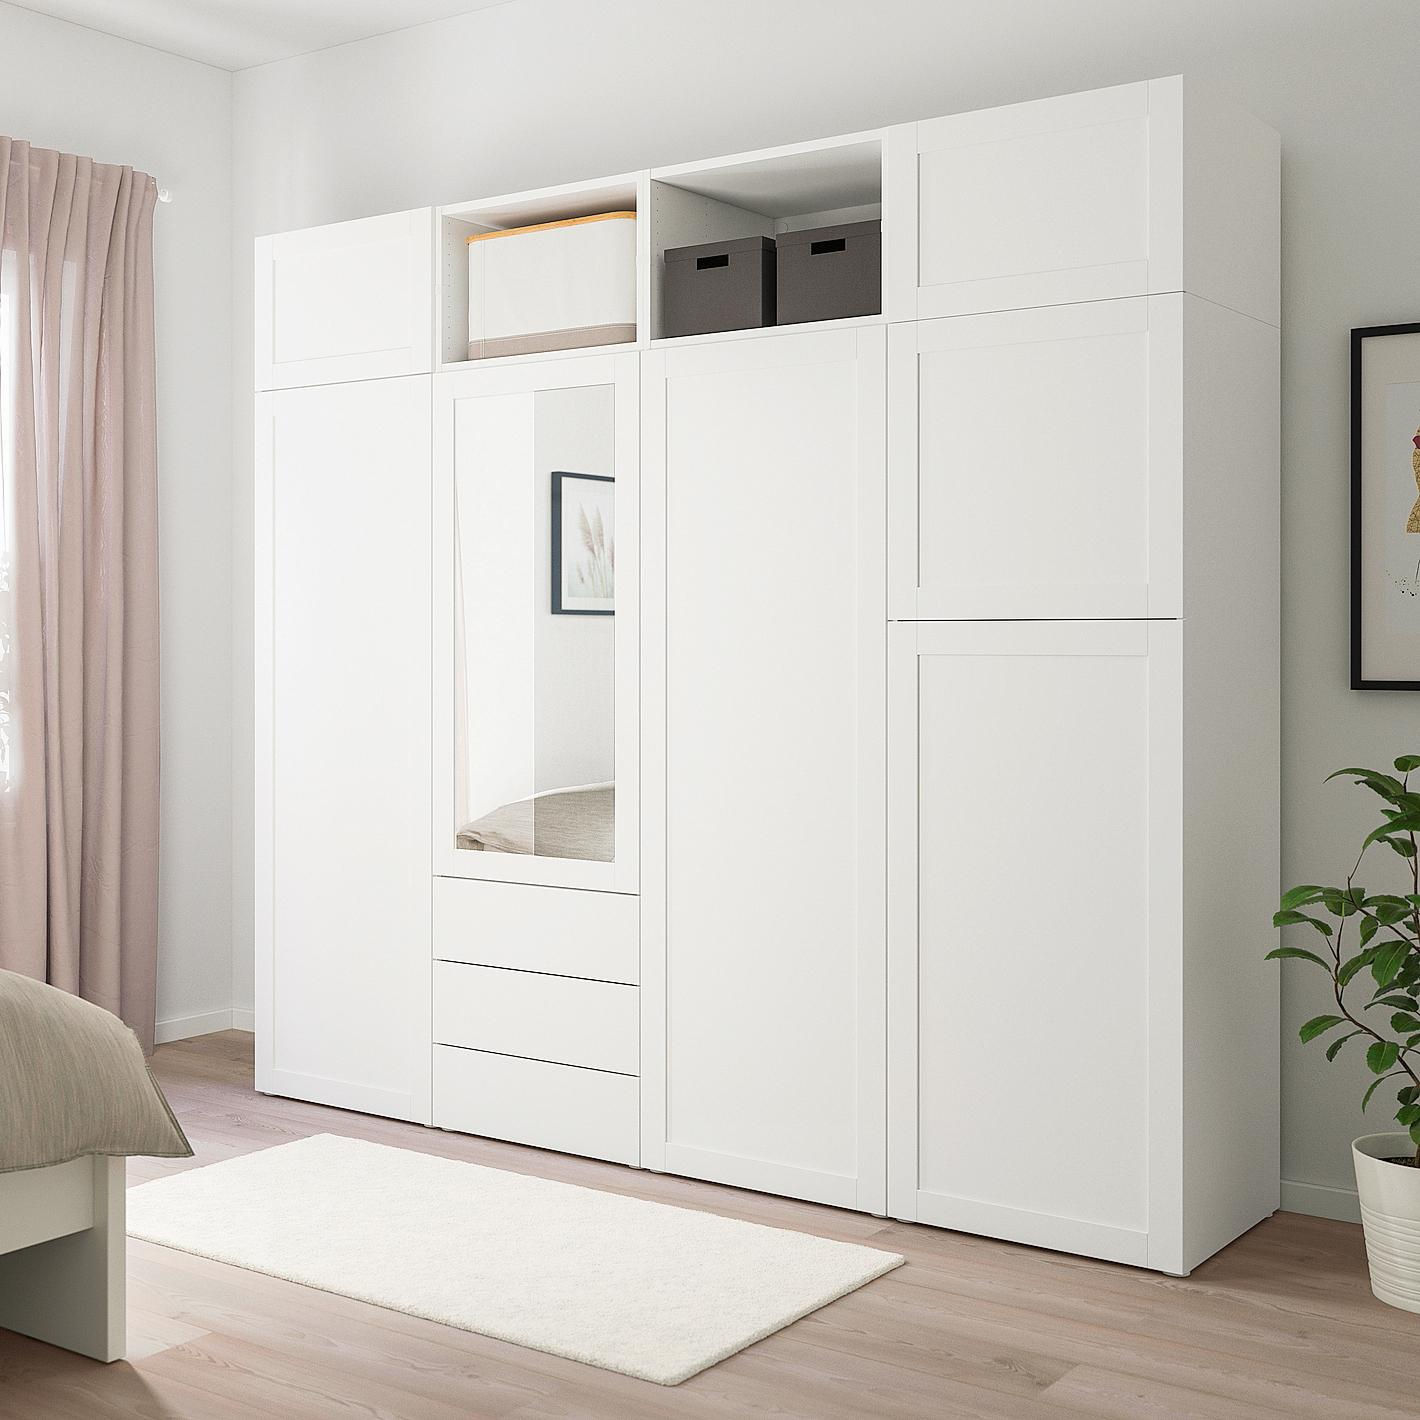 Armadio Con Vano Tv Ikea.Come Progettare L Armadio 10 Modelli In Linea Cose Di Casa